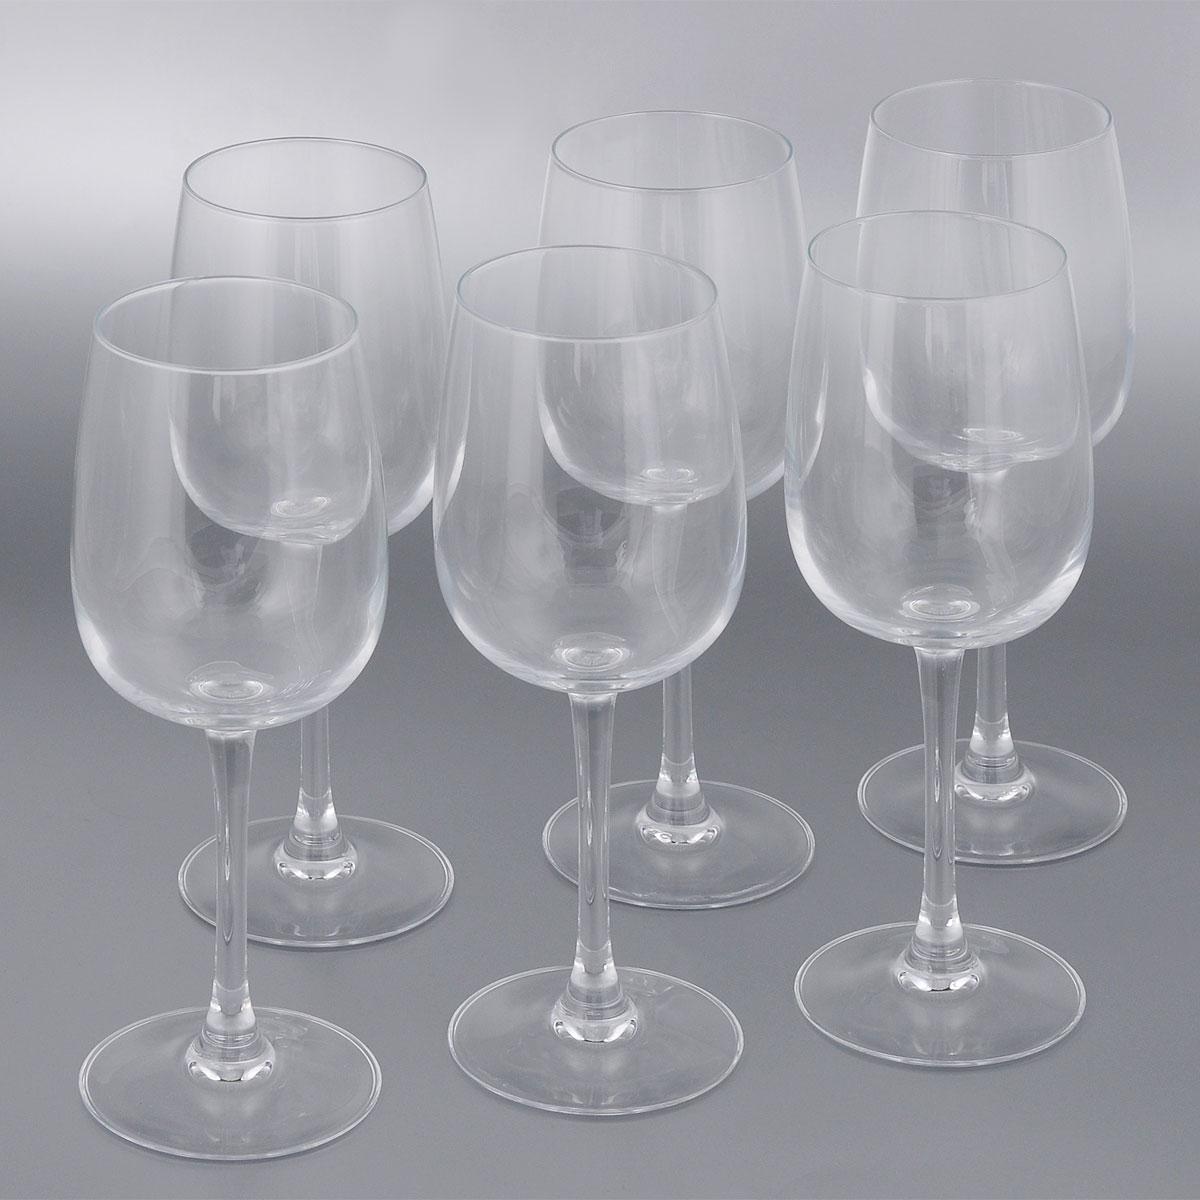 Набор фужеров для вина Luminarc Allegresse, 300 мл, 6 штVT-1520(SR)Набор Luminarc Allegresse состоит из шести классических фужеров, выполненных из прочного стекла. Изделия оснащены высокими ножками и предназначены для подачи вина. Они сочетают в себе элегантный дизайн и функциональность. Благодаря такому набору пить напитки будет еще вкуснее.Набор фужеров Allegresse прекрасно оформит праздничный стол и создаст приятную атмосферу за романтическим ужином. Такой набор также станет хорошим подарком к любому случаю.Можно мыть в посудомоечной машине.Диаметр фужера (по верхнему краю): 6,1 см. Диаметр основания фужера: 8 см. Высота фужера: 20,6 см.